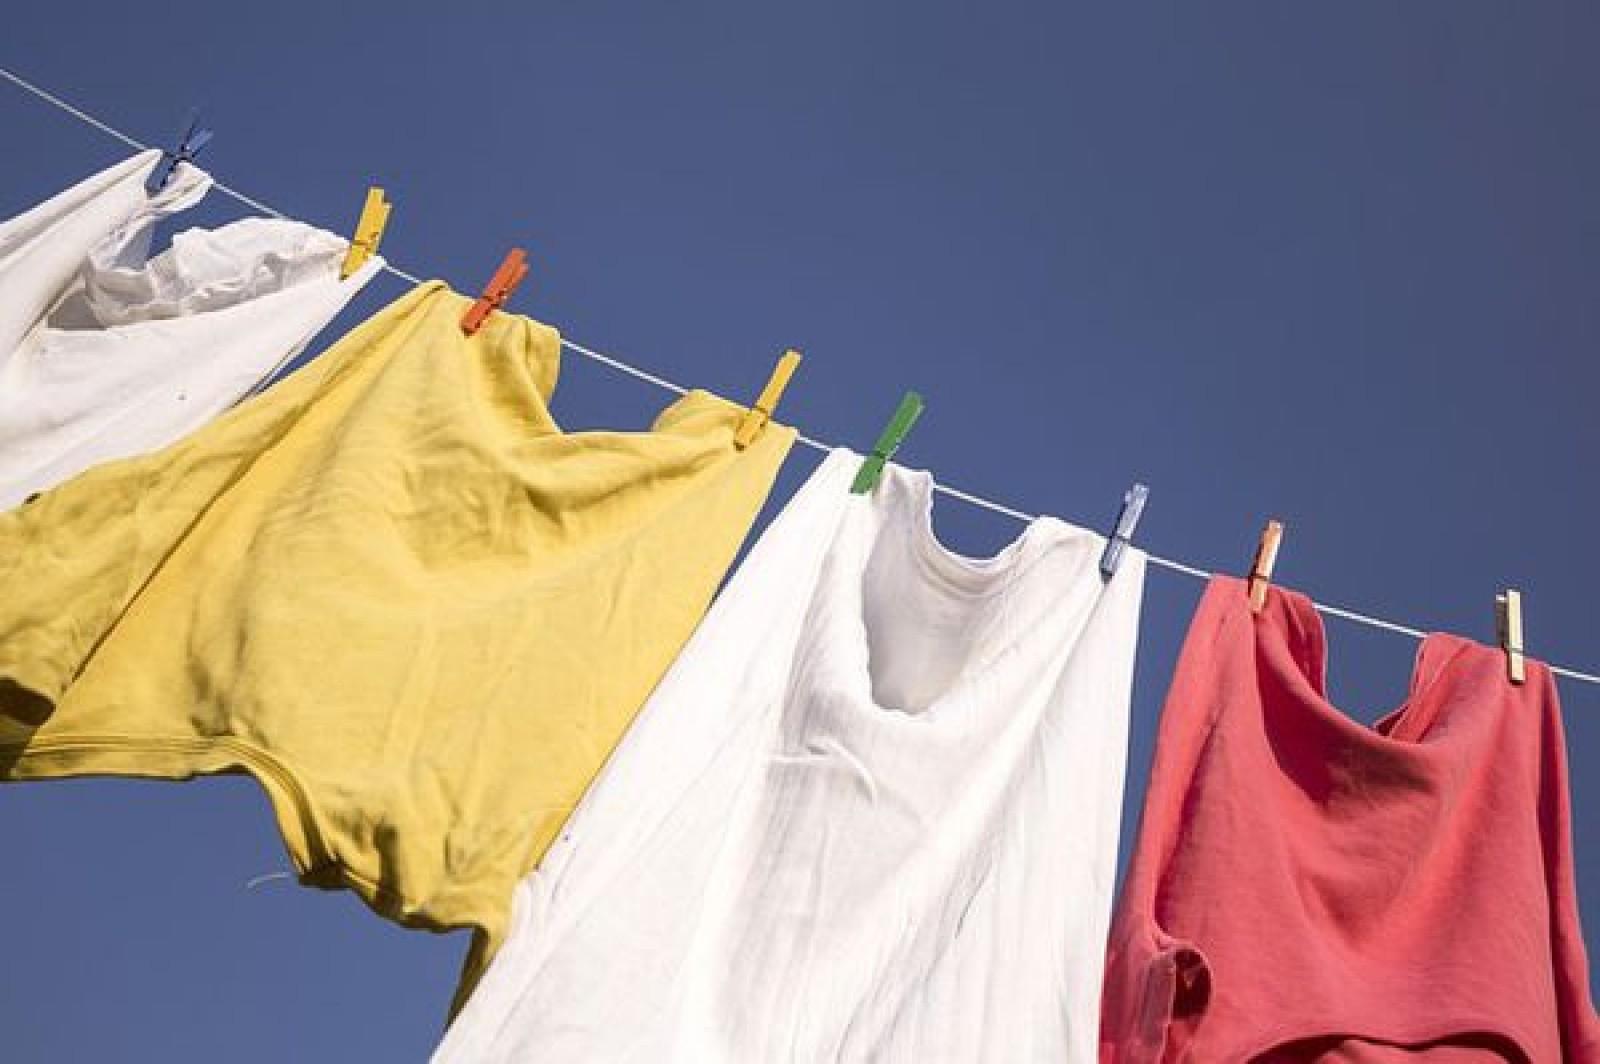 washing-506124_640.jpg